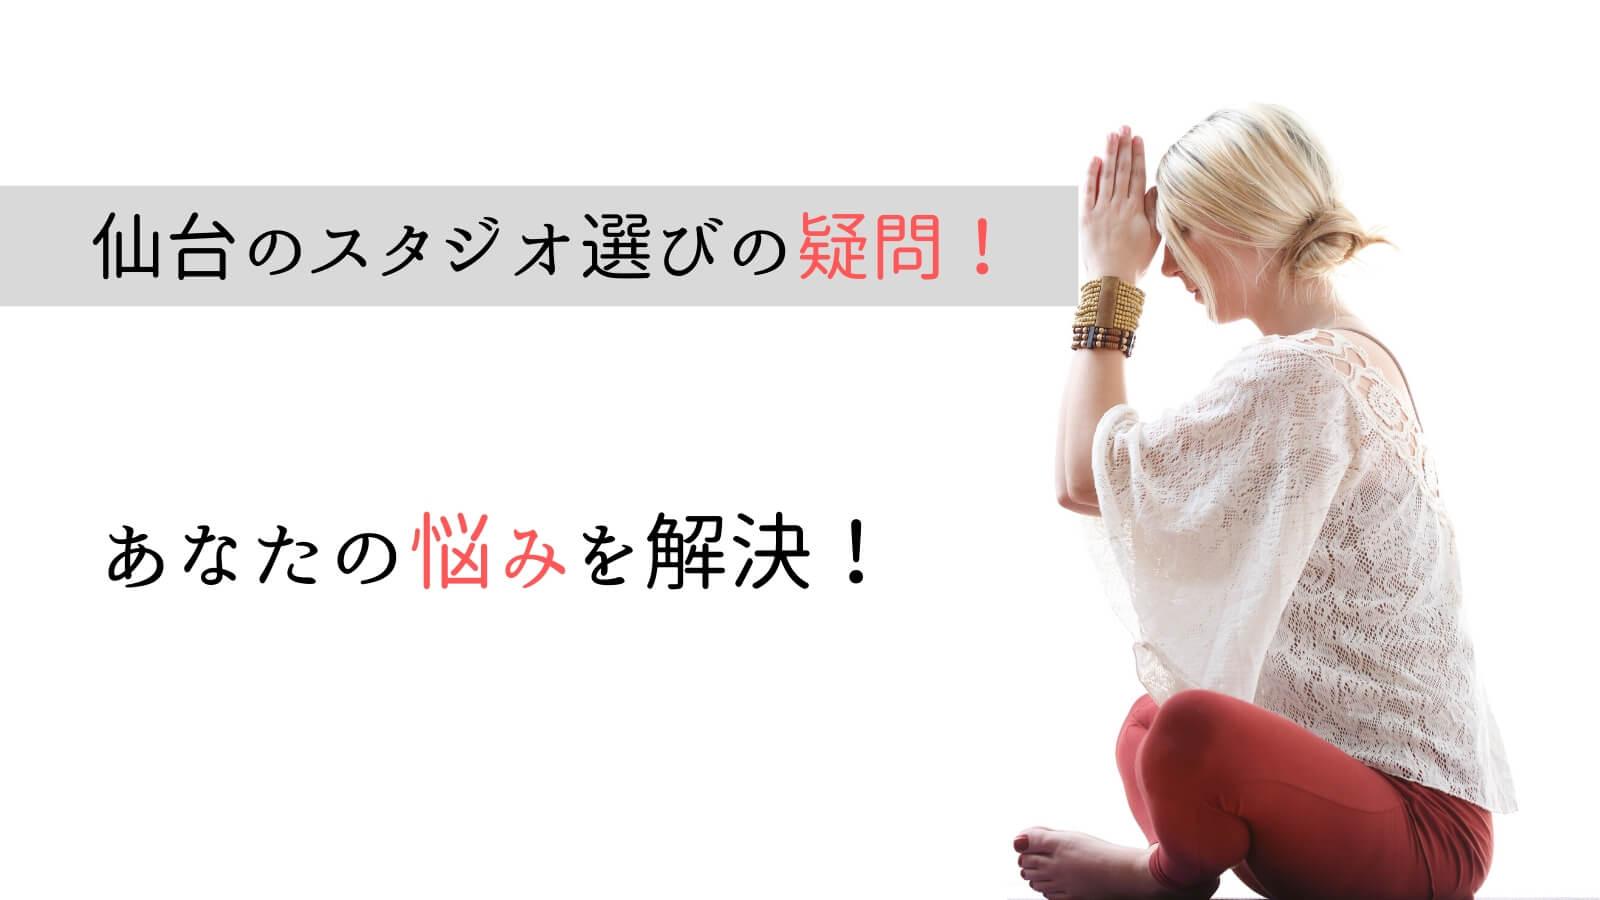 仙台でのヨガ・ピラティススタジオ選びに関するQ&A